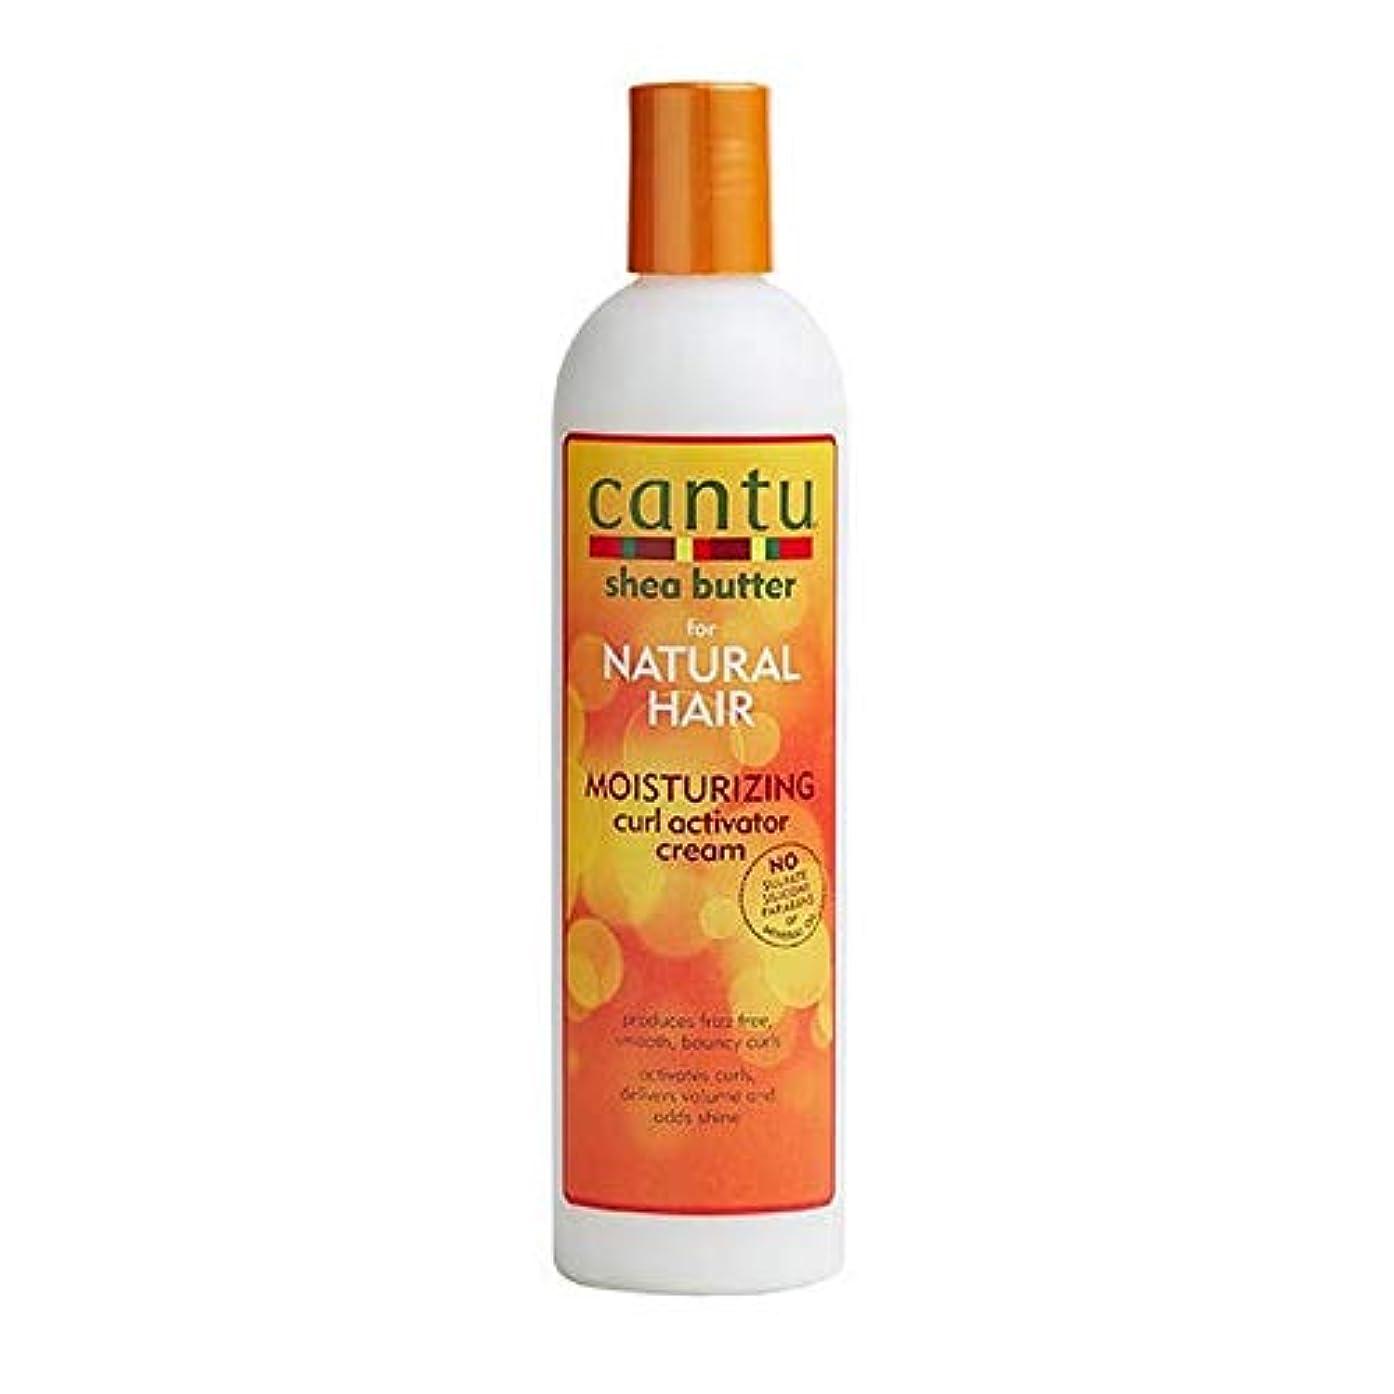 ふつう人里離れたポゴスティックジャンプ[Cantu ] カールアクチベータークリーム355ミリリットル保湿カントゥ自然な髪 - Cantu Natural Hair Moisturizing Curl Activator Cream 355ml [並行輸入品]